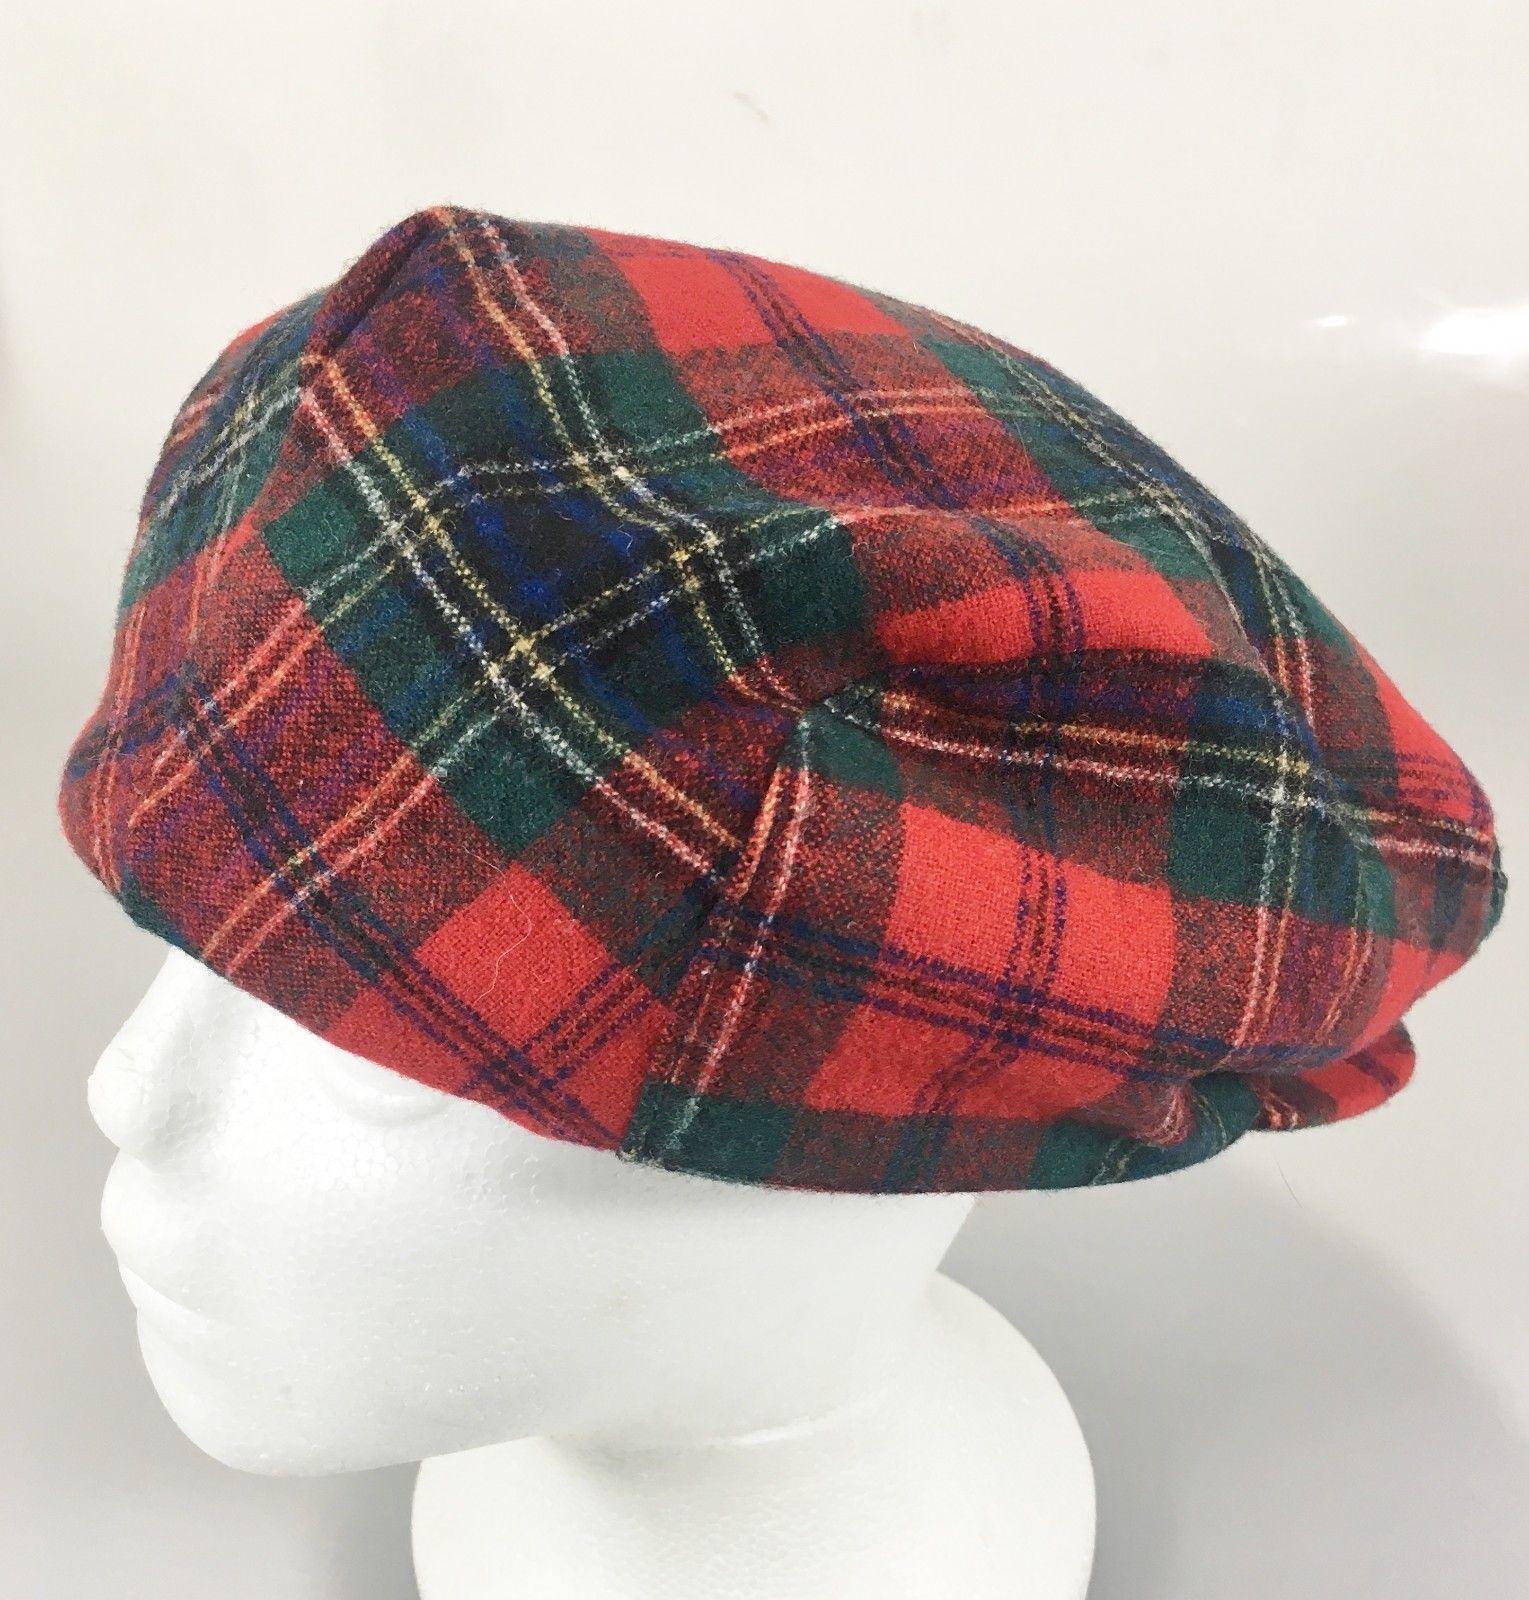 56b4f2333db Pendleton Mens L Red Tartan Plaid Virgin Wool Cap Hat Cabbie Newsboy Made  in USA